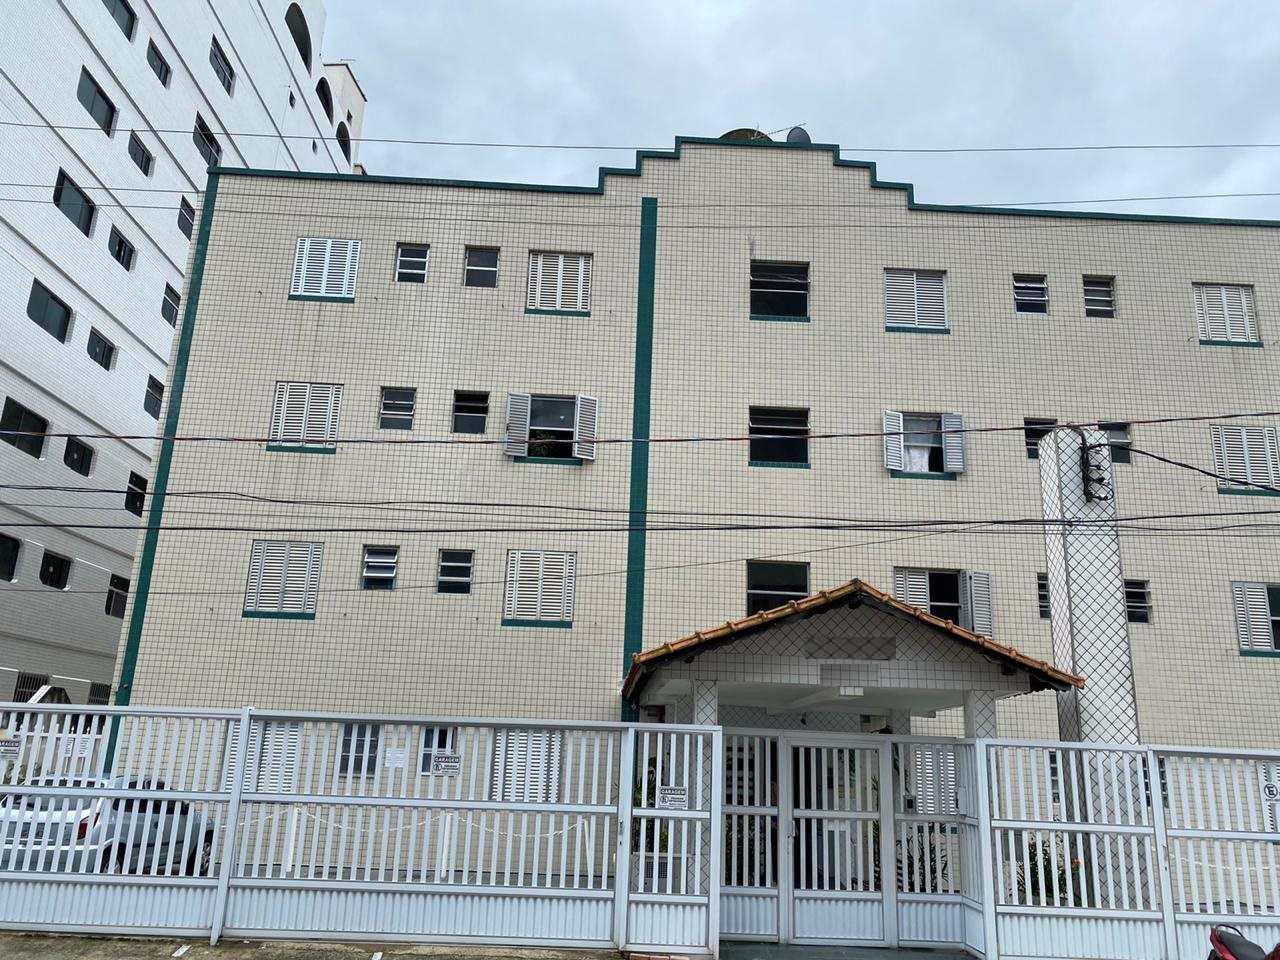 Kitnet com 1 dorm, Boqueirão, Praia Grande - R$ 110 mil, Cod: 5445